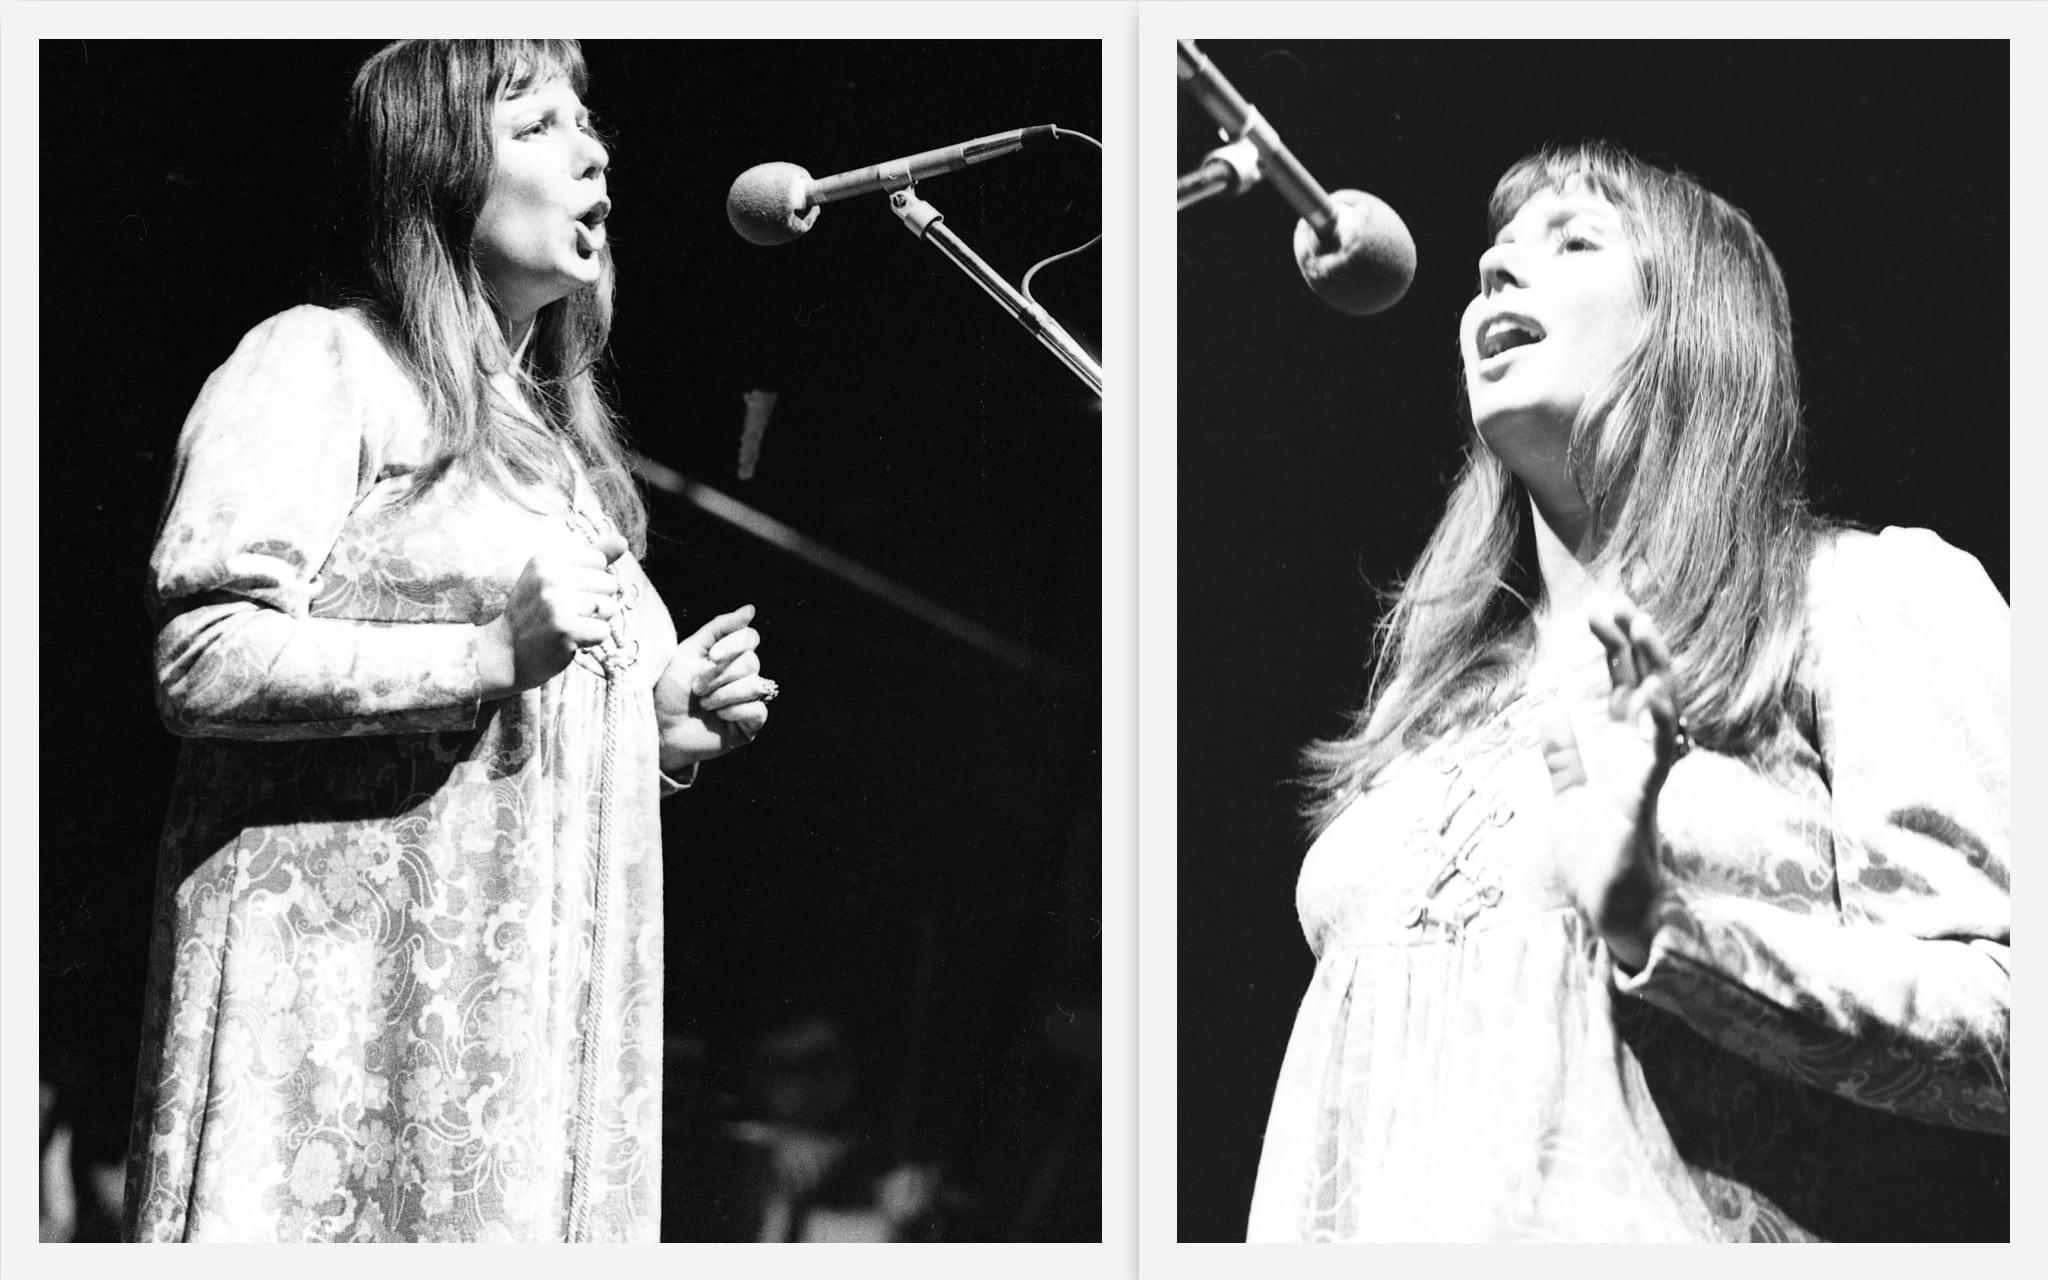 צילה דגן בערב שירי משוררים בבית החייל בתל אביב, 25 בינואר 1972 (צילום: אוסף דן הדני, הספרייה הלאומית)